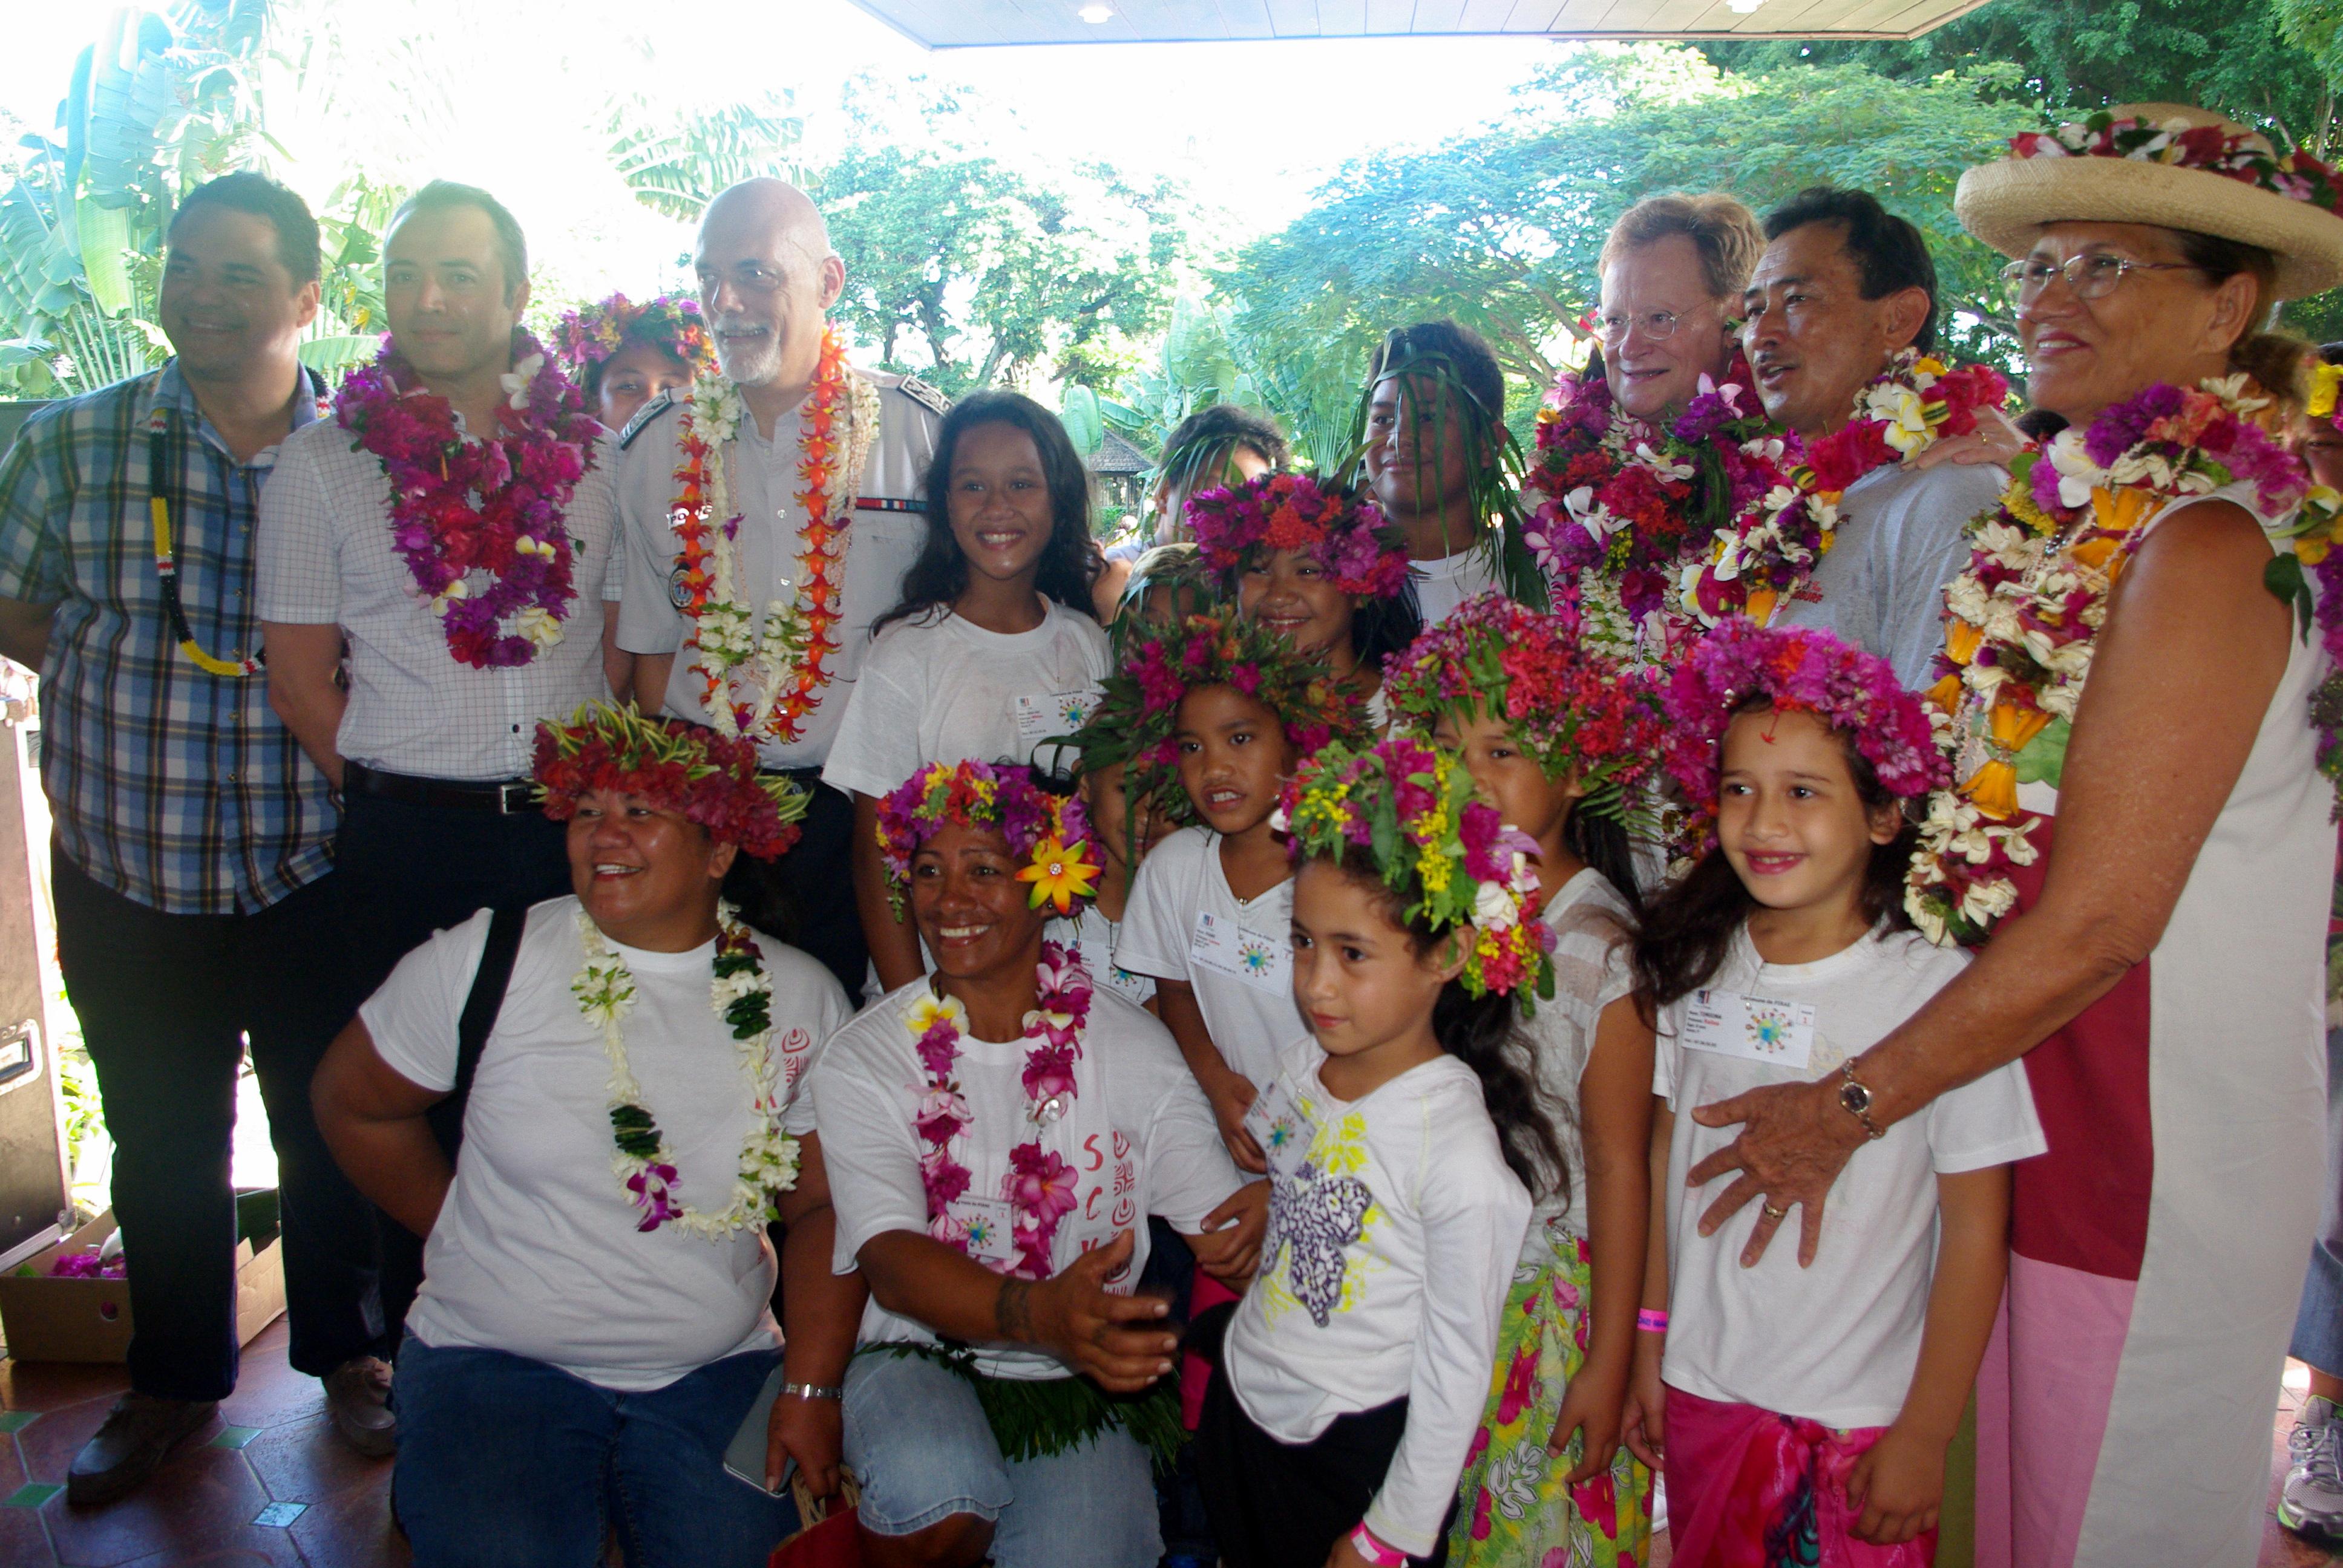 Association Police 2000 : Une journée récréative pour 400 enfants défavorisés